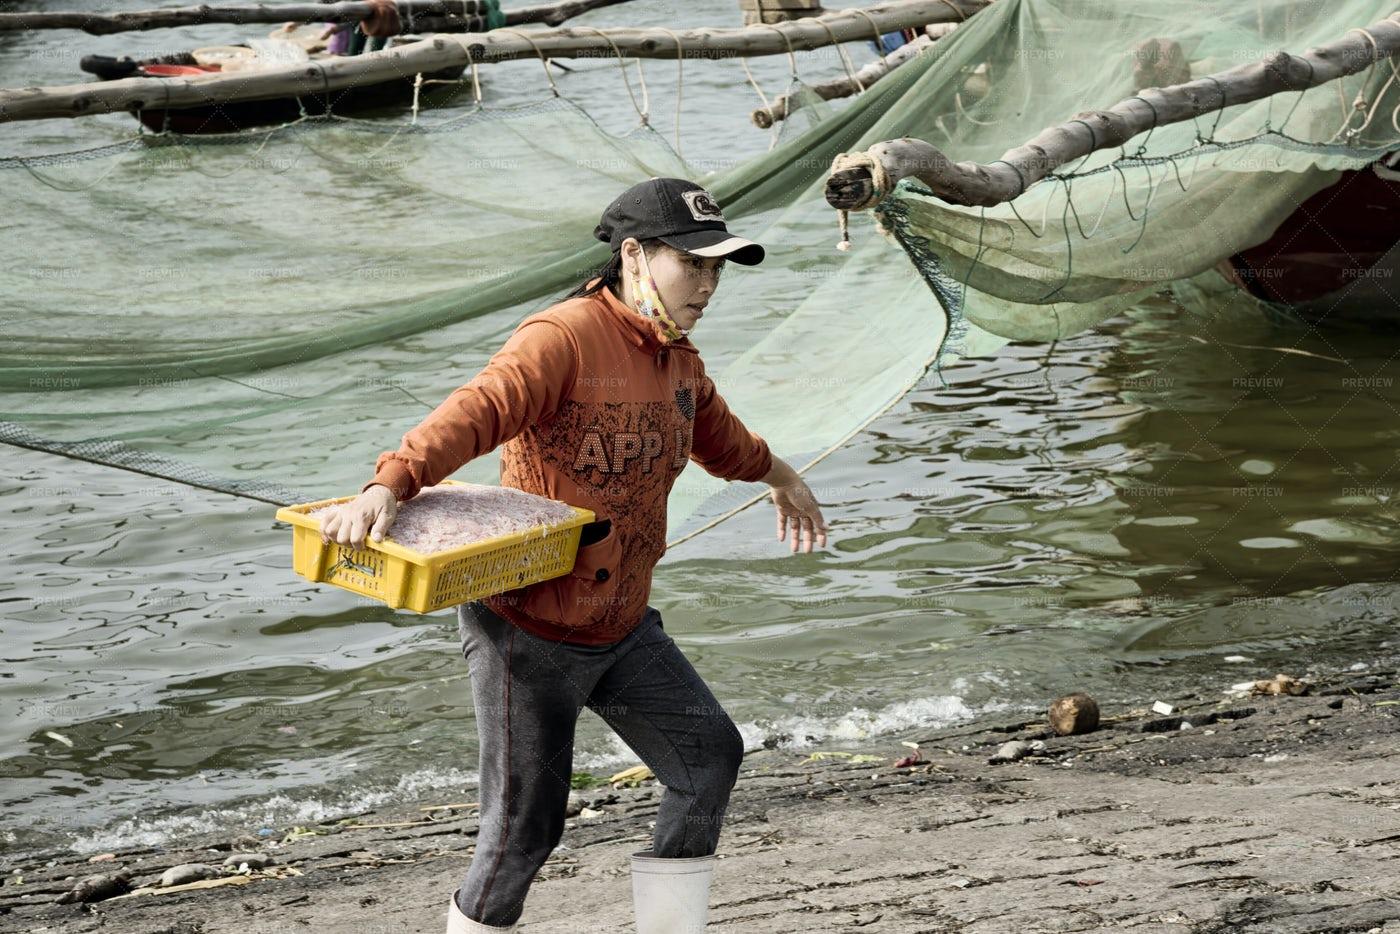 Vietnamese Woman Carrying Shrimp Catch: Stock Photos